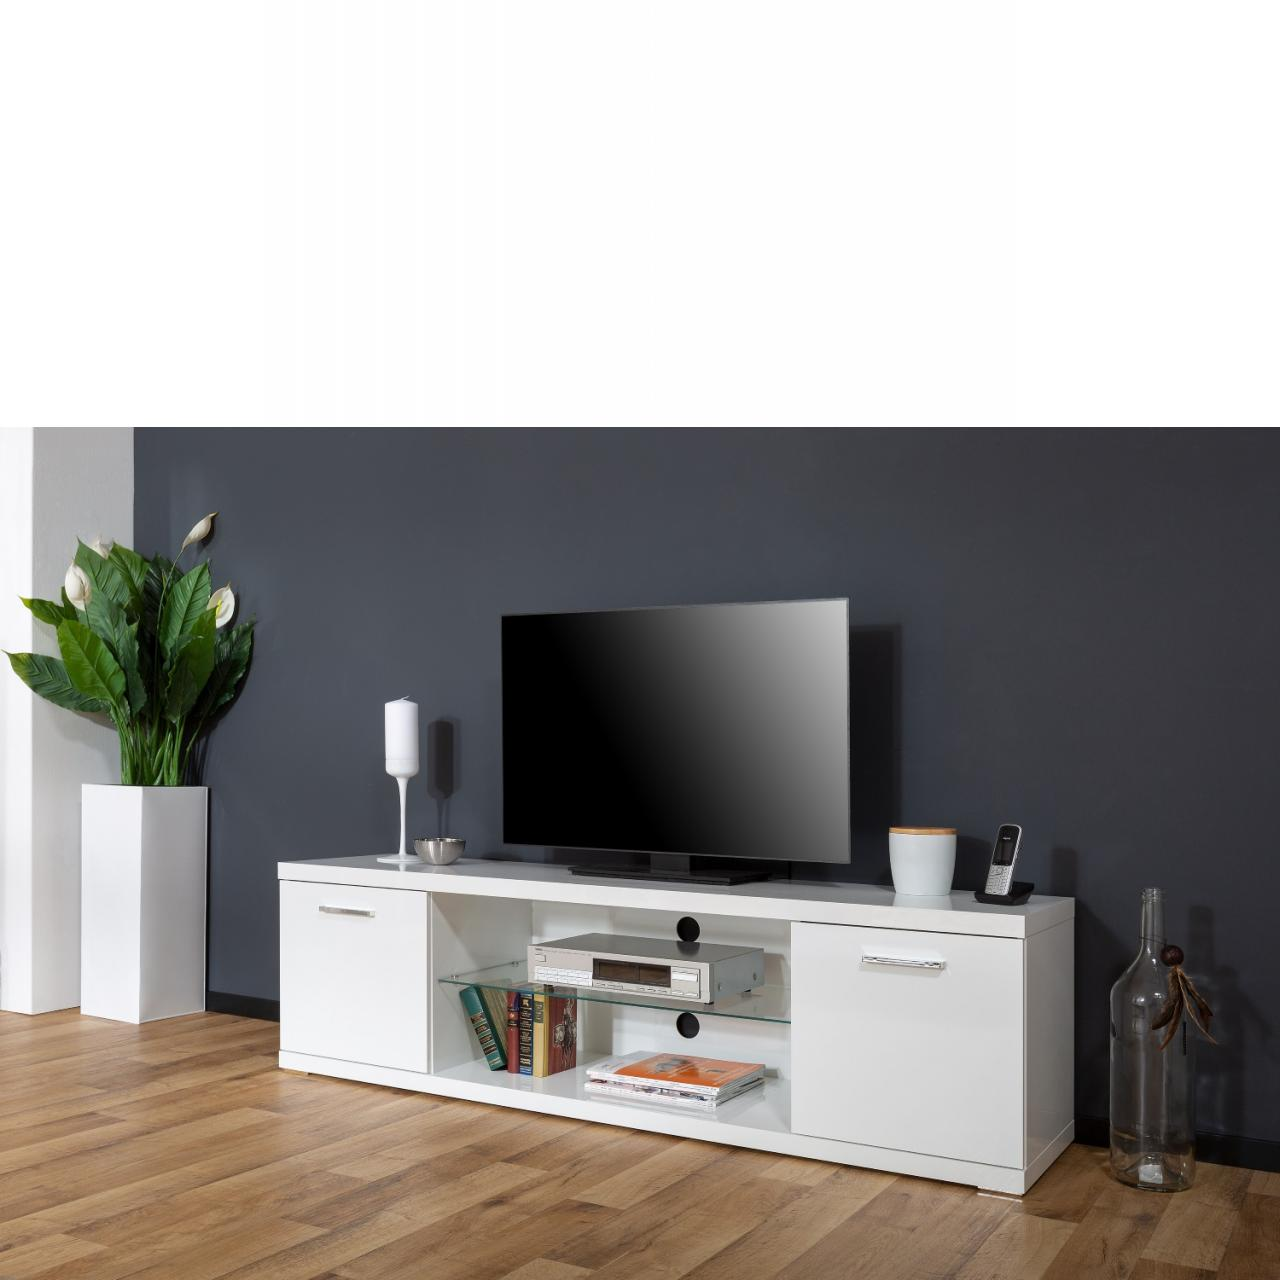 TV-Board Milano Weiß Hochglanz Sideboard Lowboard TV-Tisch